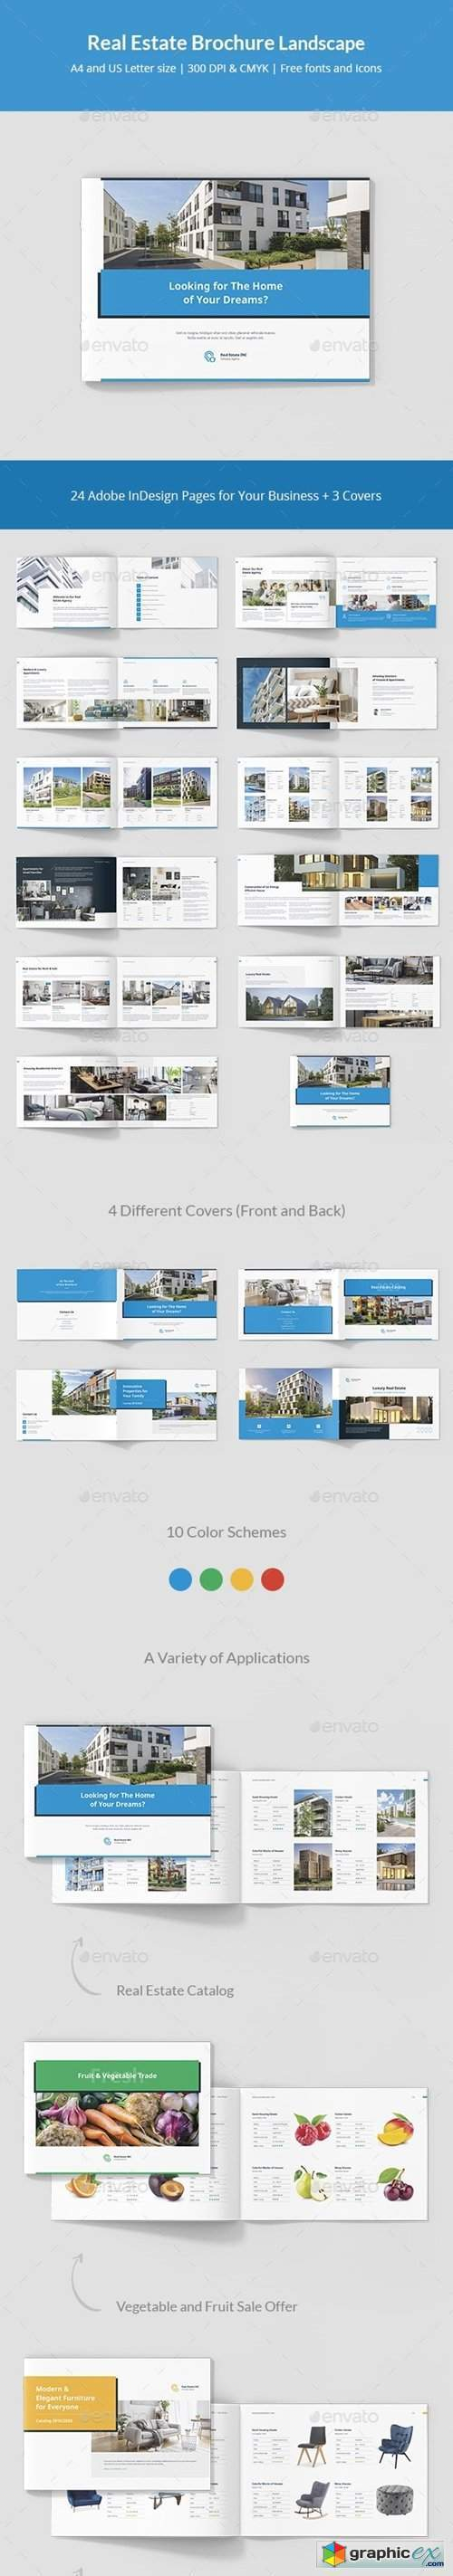 Real Estate Brochure Landscape